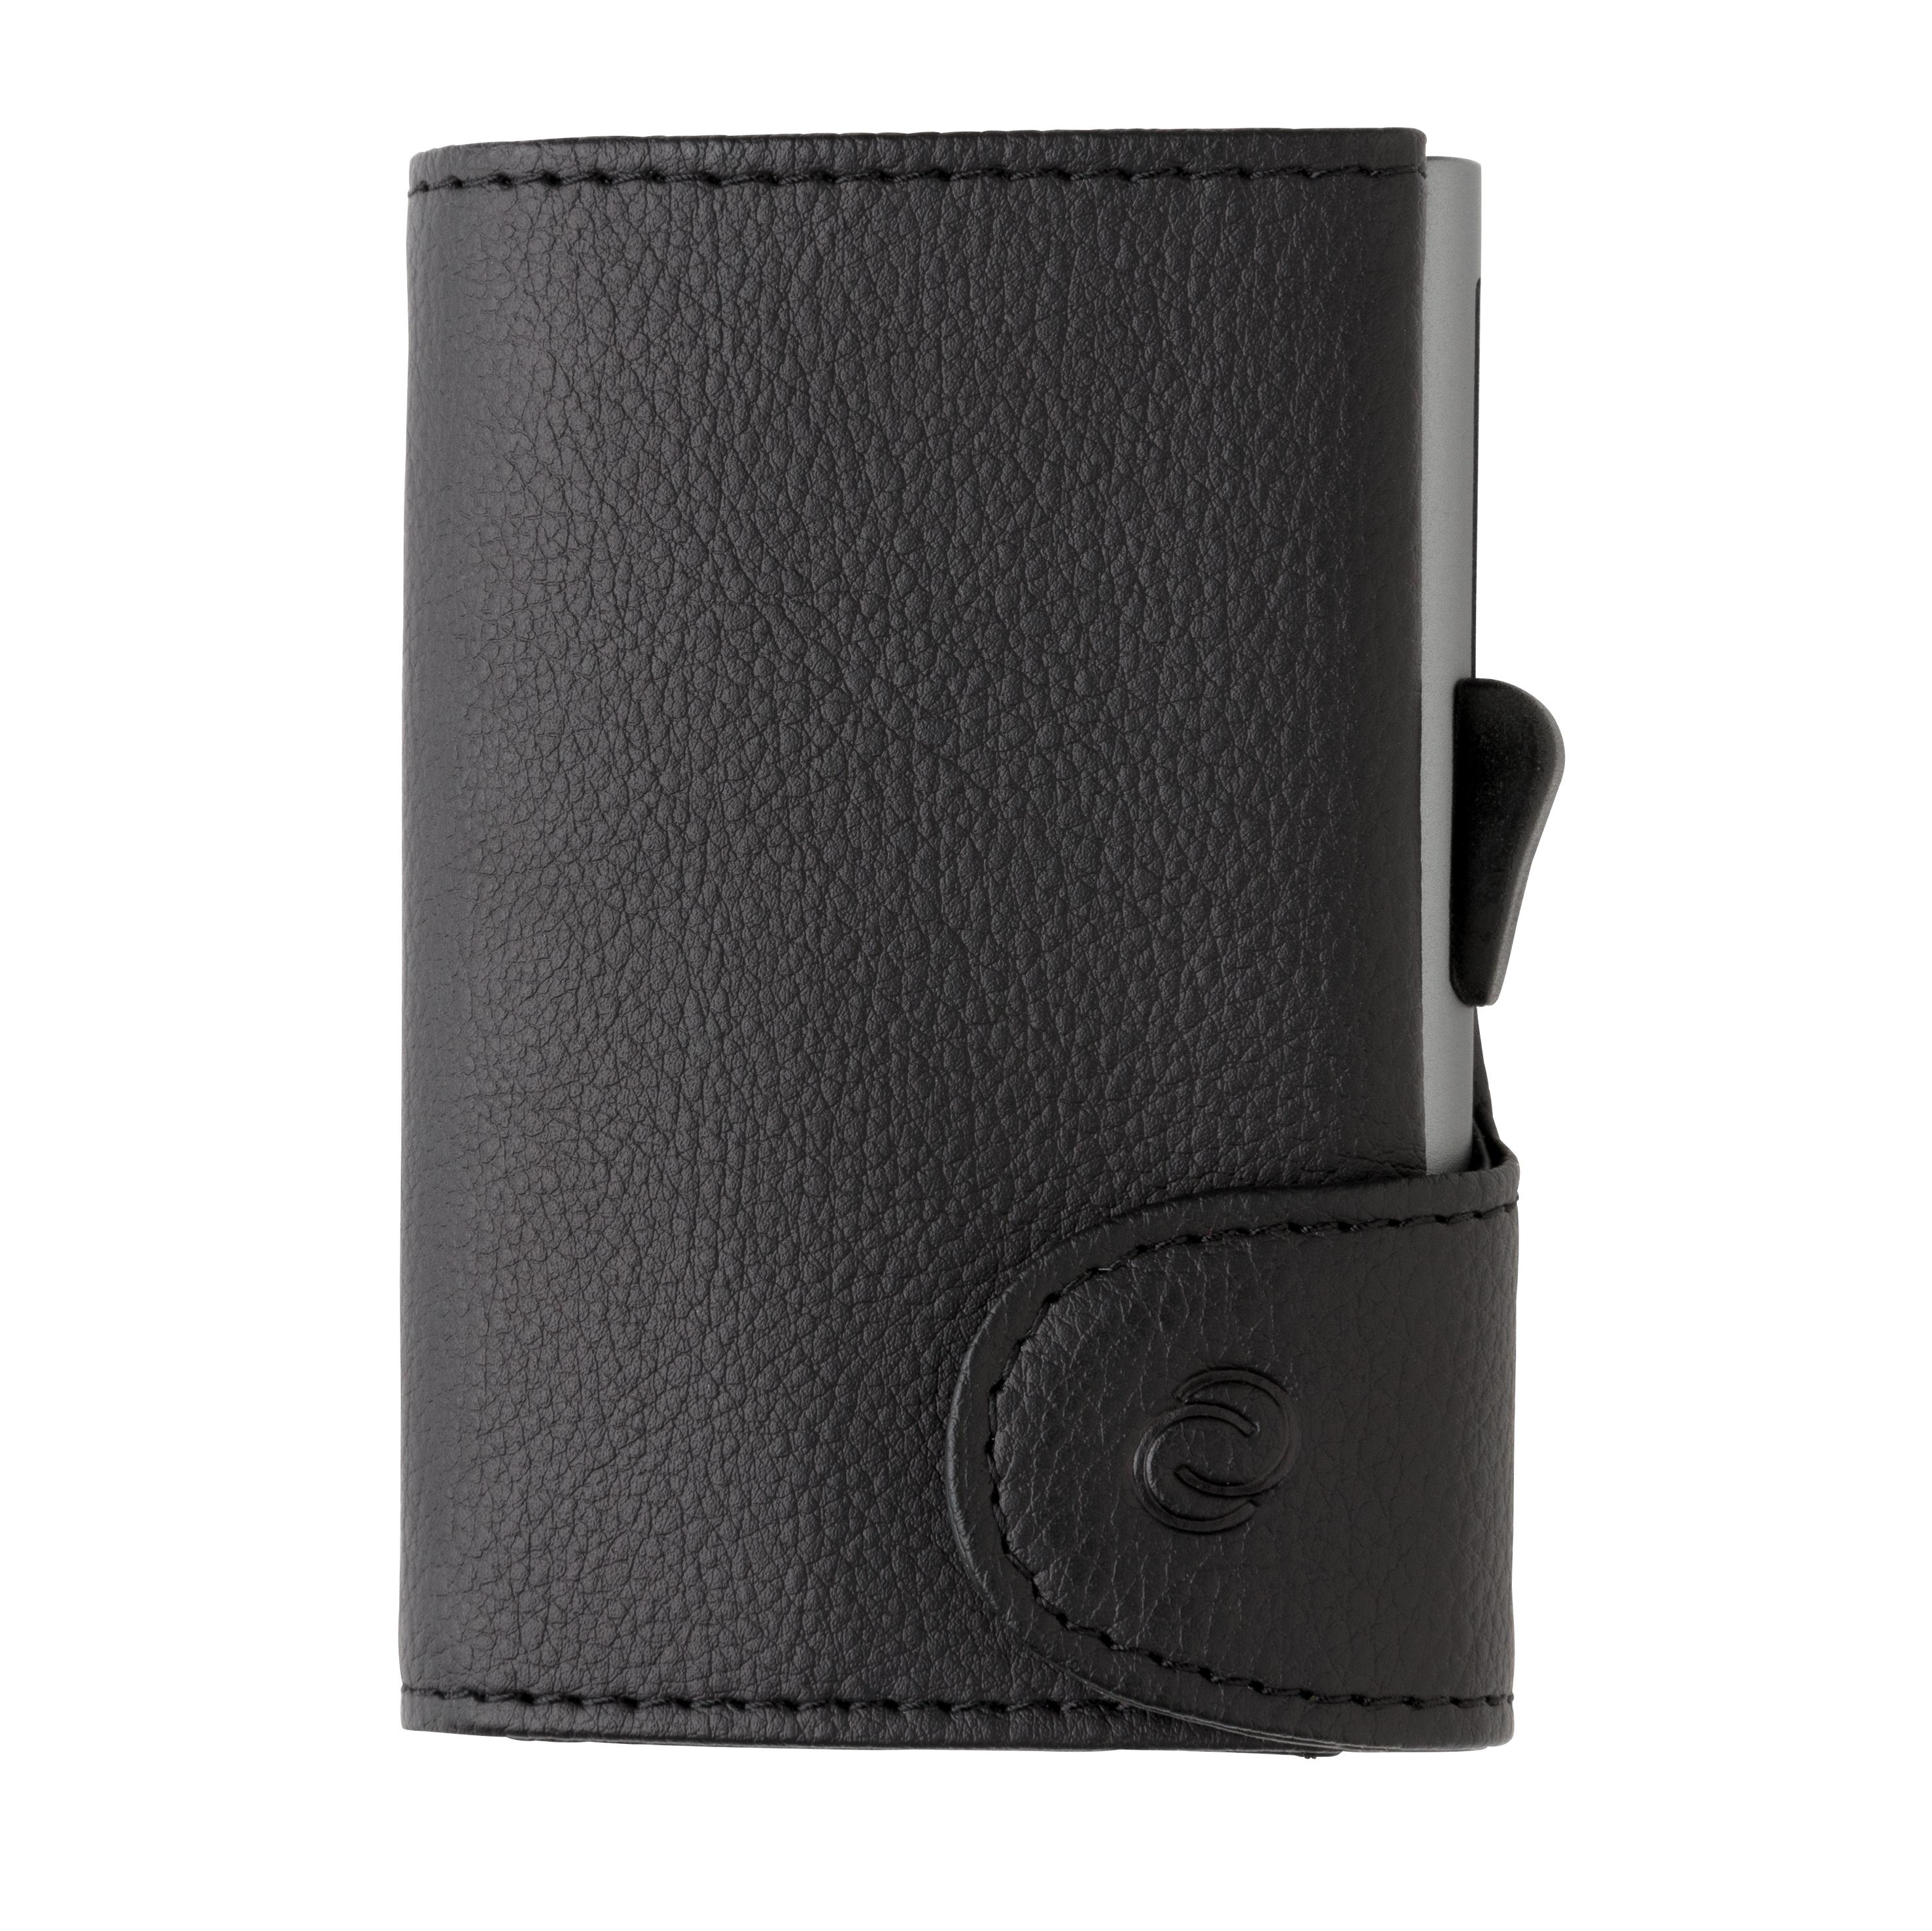 Porte-cartes et portefeuille RFID C-Secure - 9-1726-4